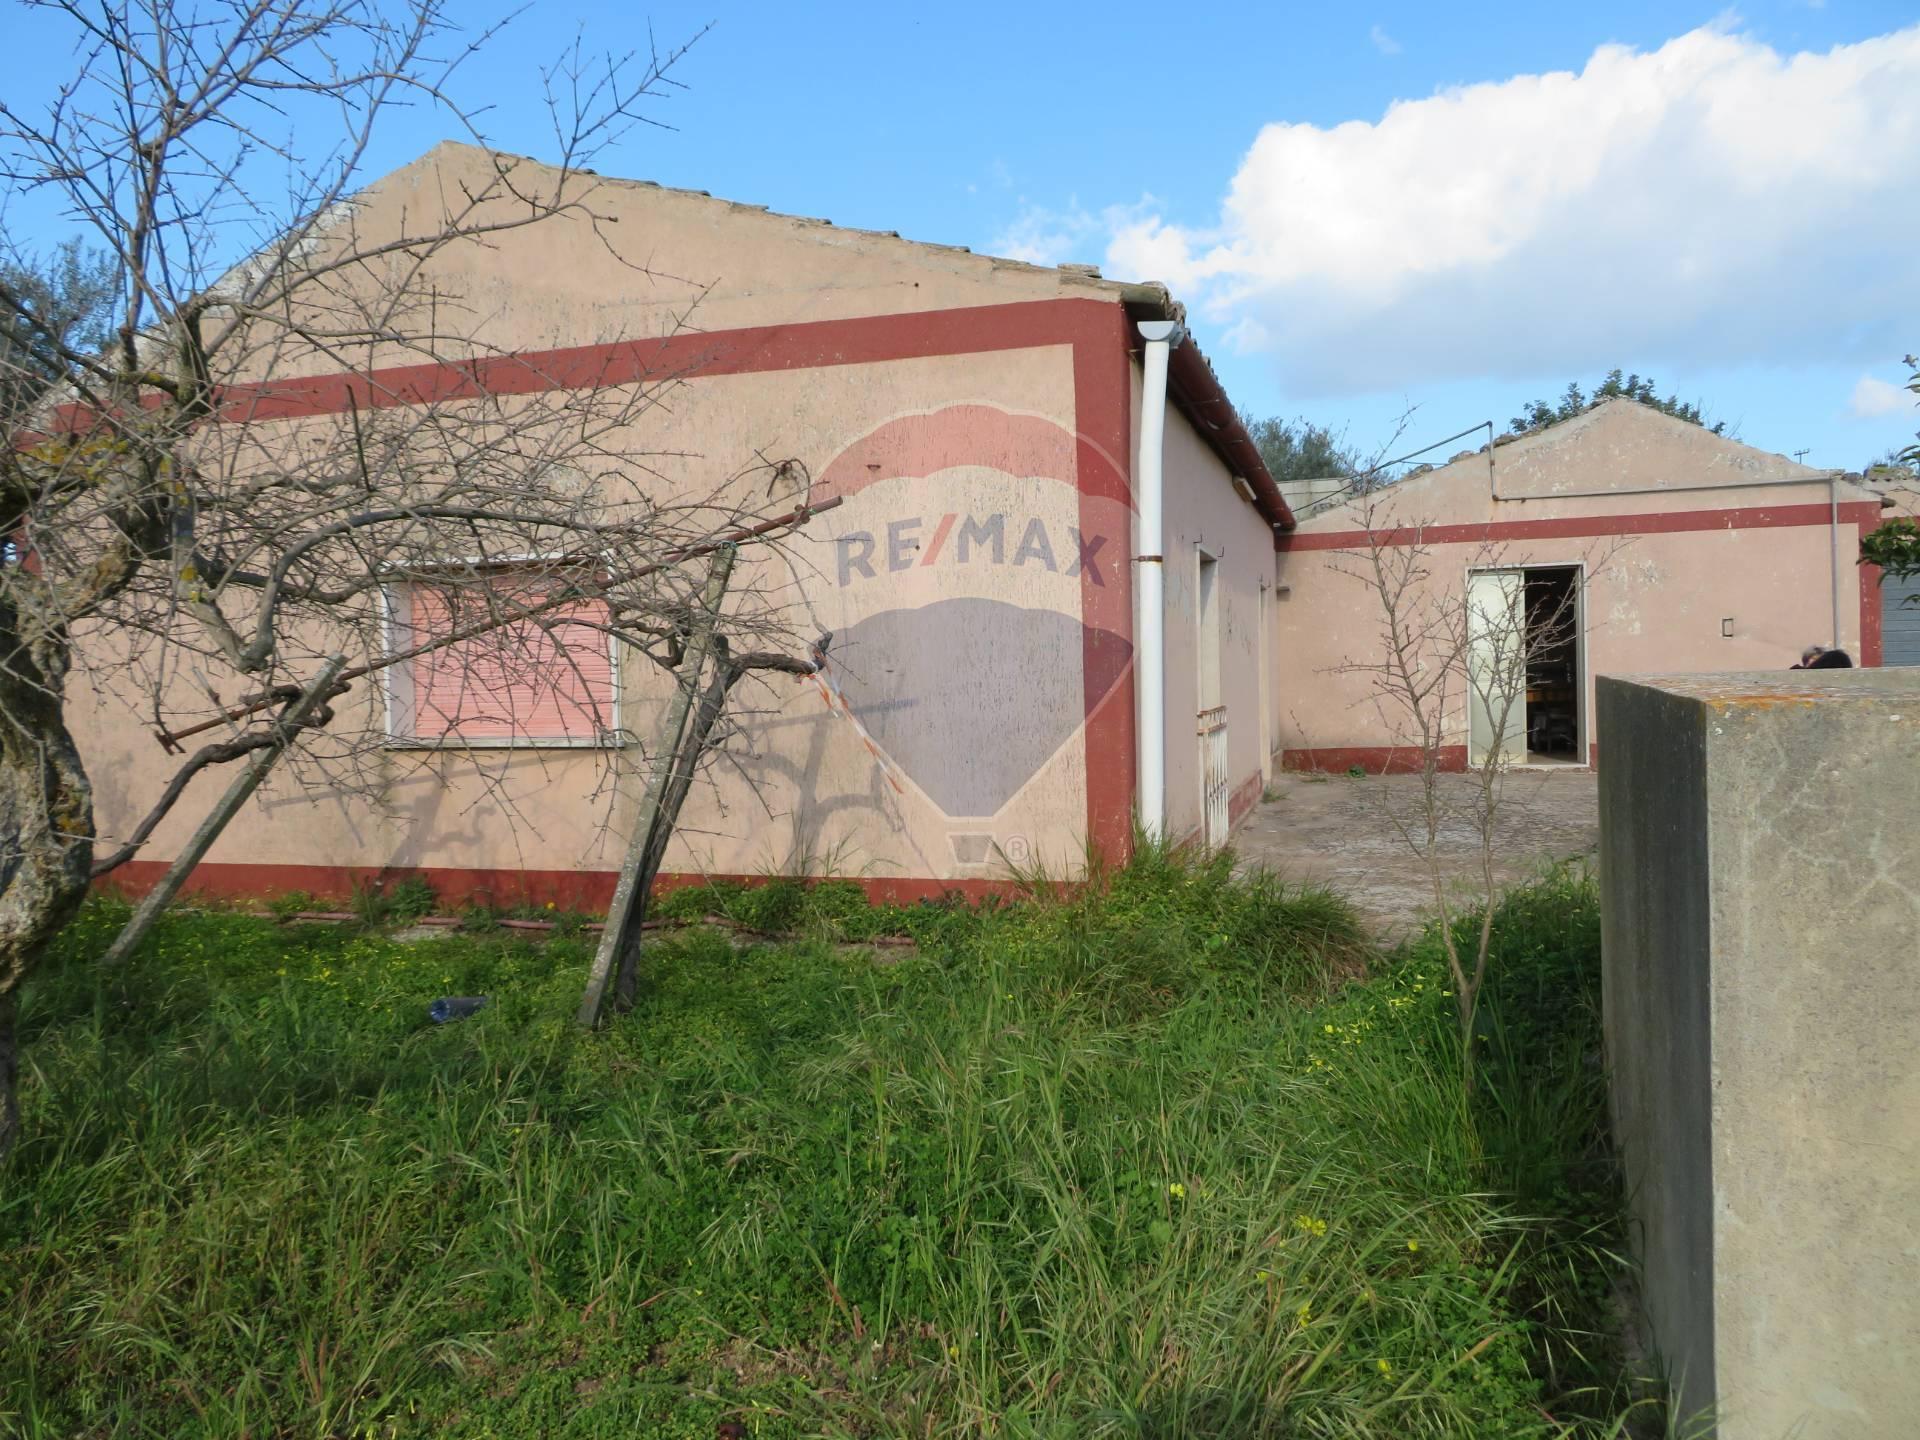 Rustico / Casale in vendita a Chiaramonte Gulfi, 5 locali, prezzo € 82.000 | CambioCasa.it